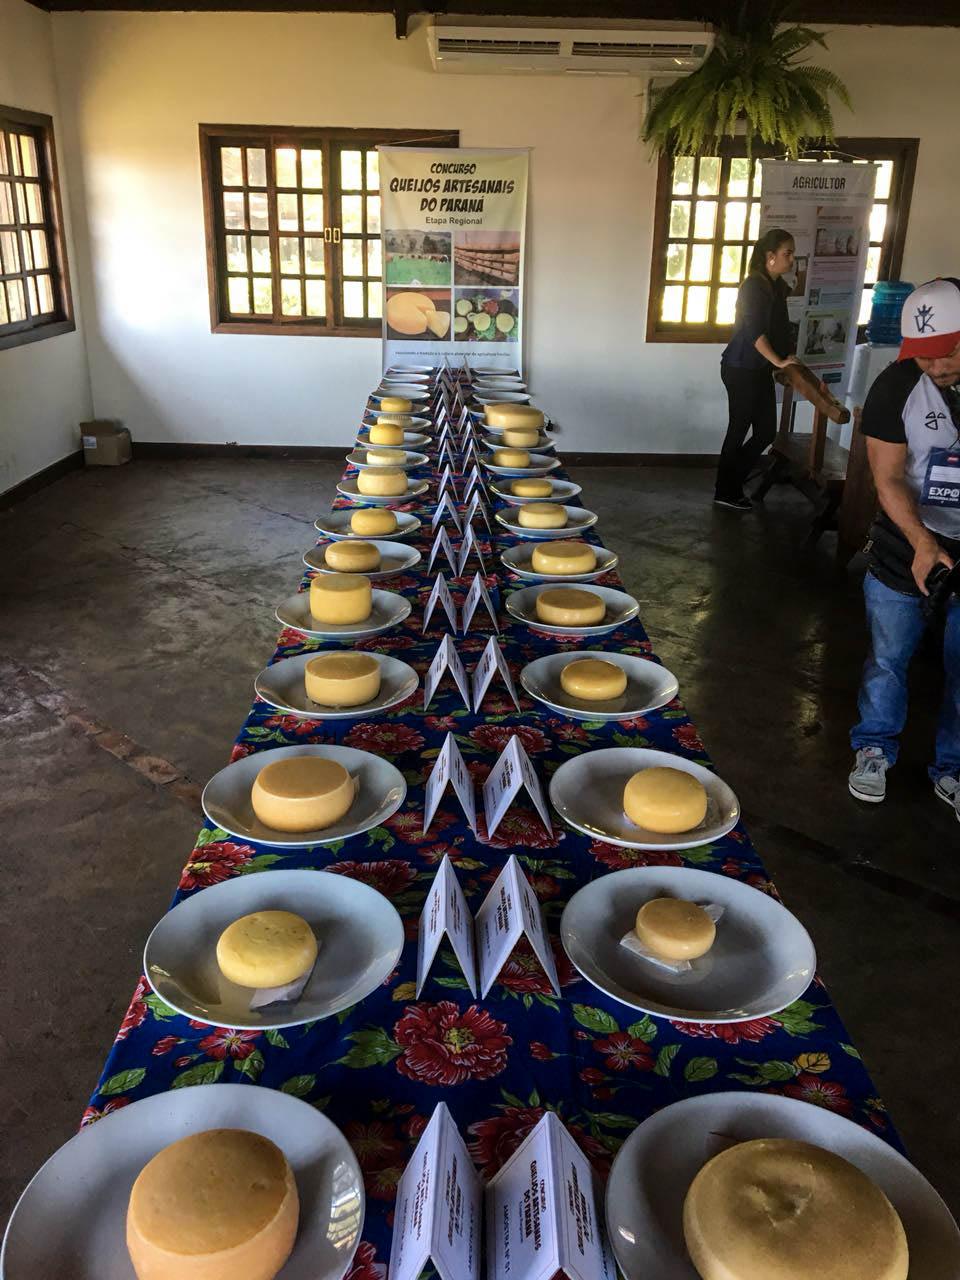 Foram avaliadas, 30 amostras de queijos.